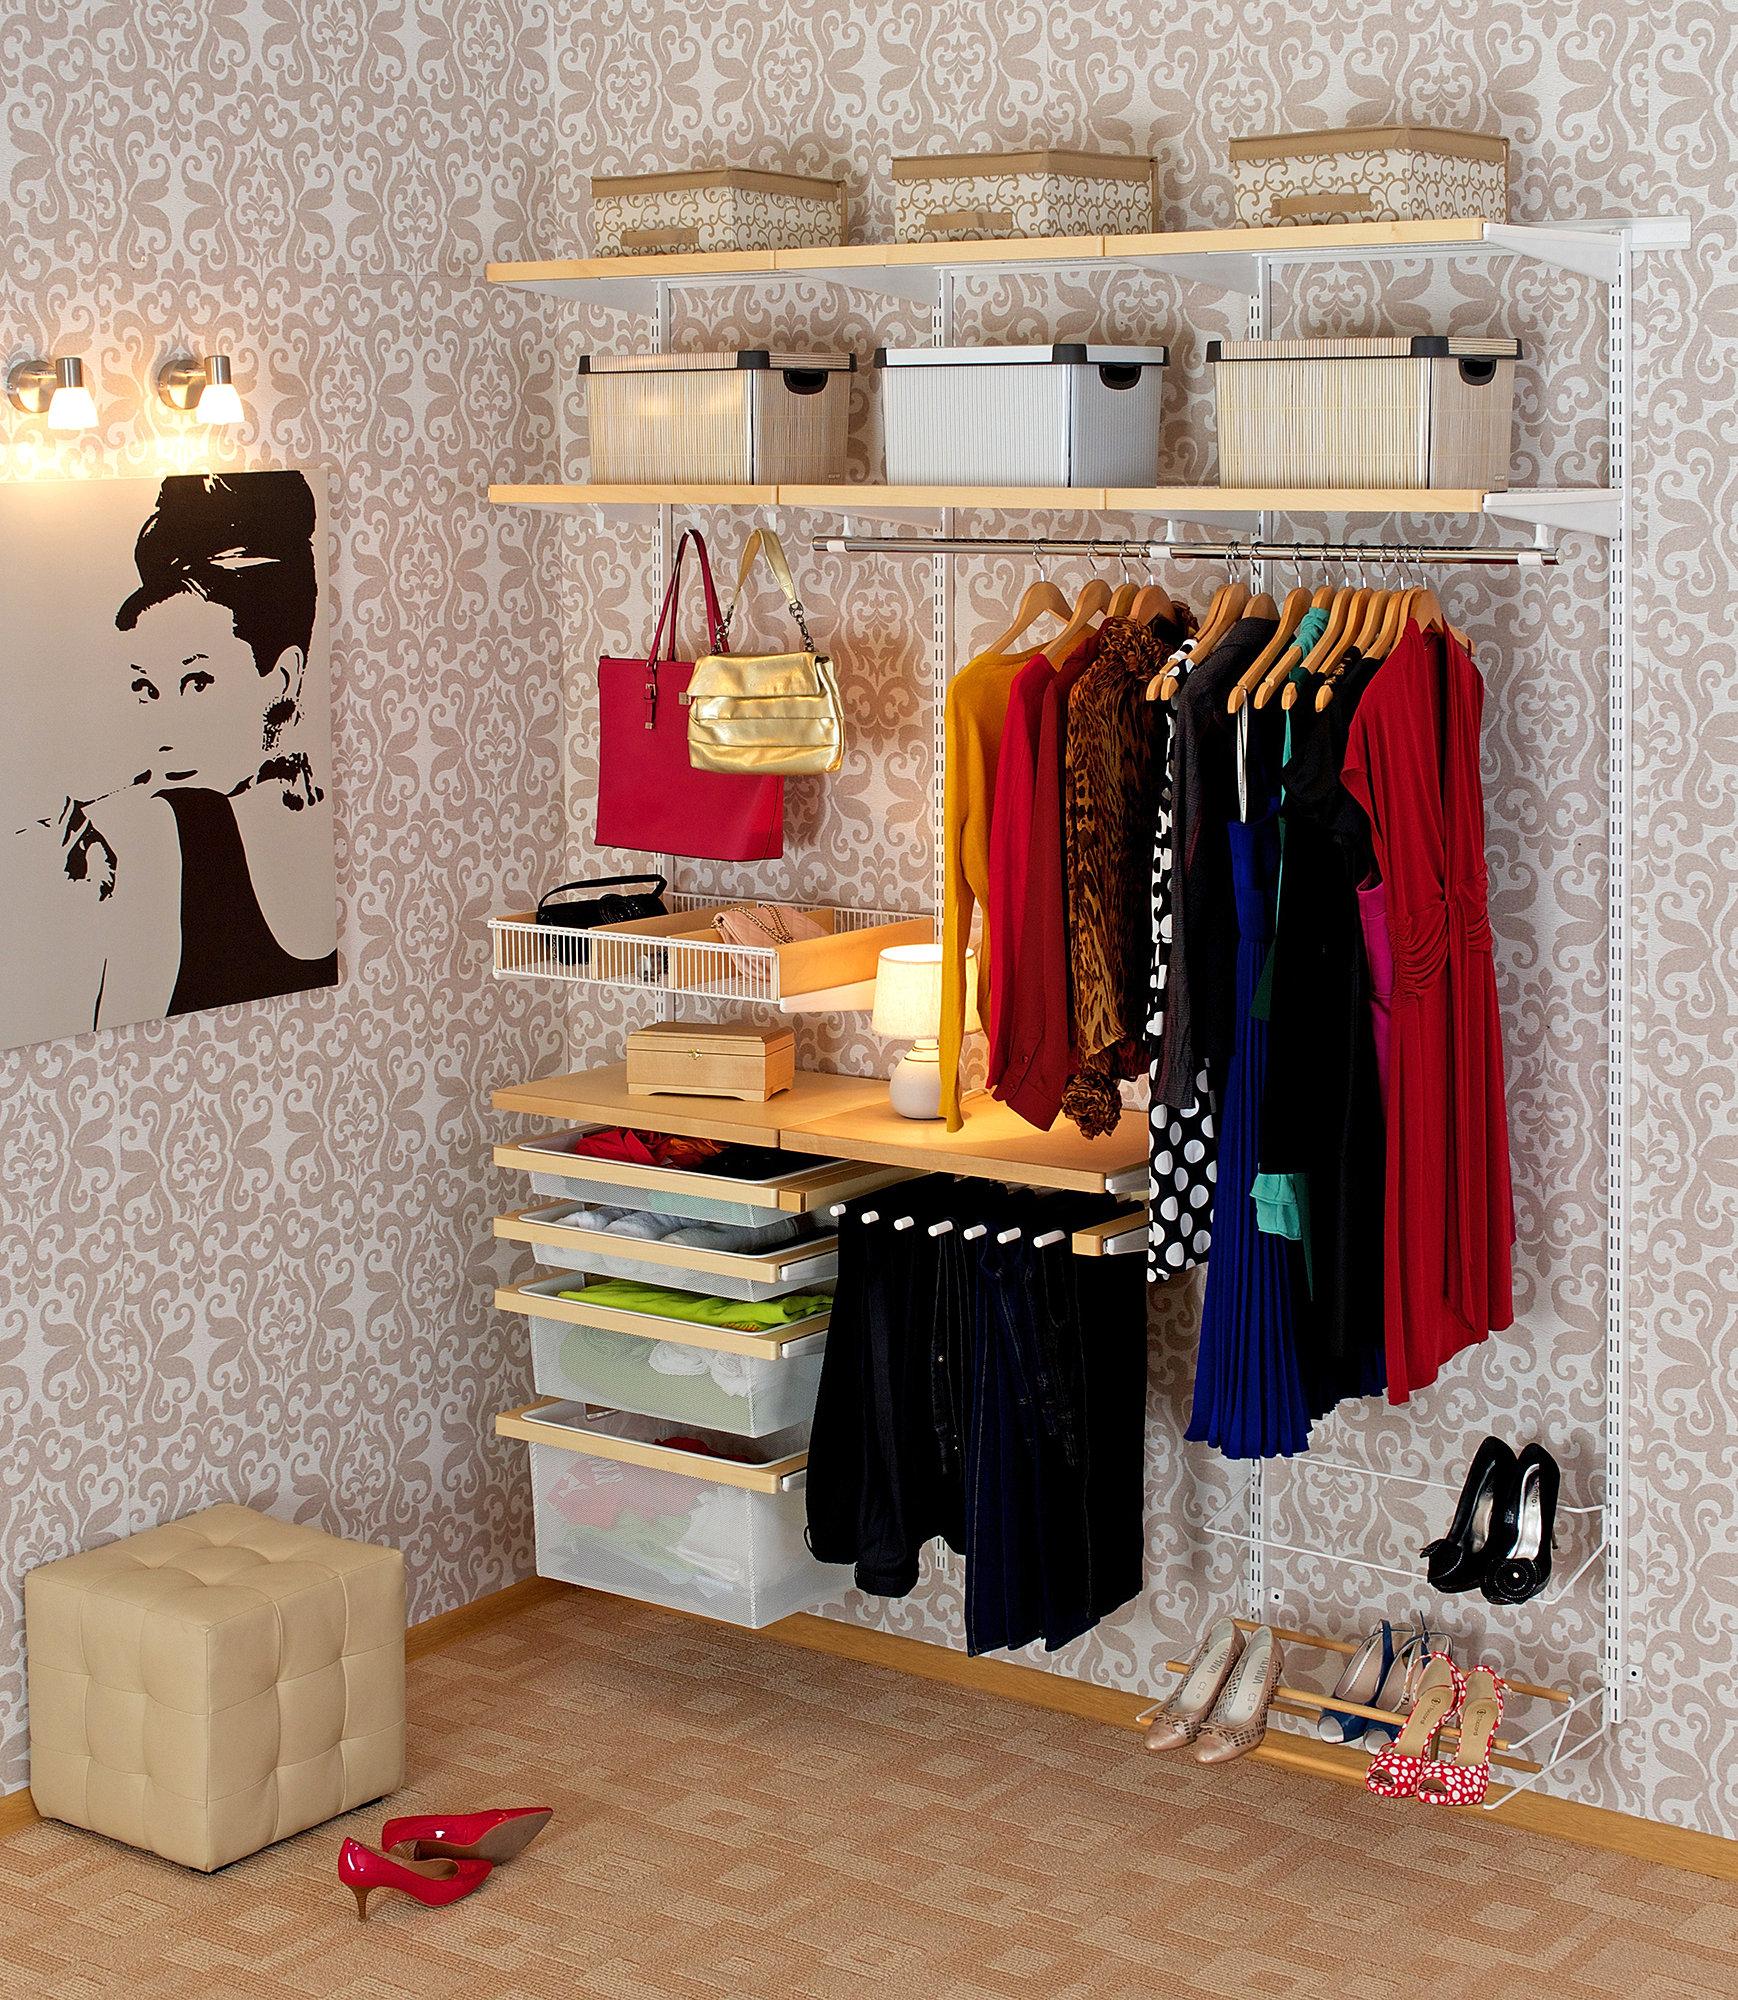 Системы хранения вещей для гардеробной (ikea, elfa и другие).